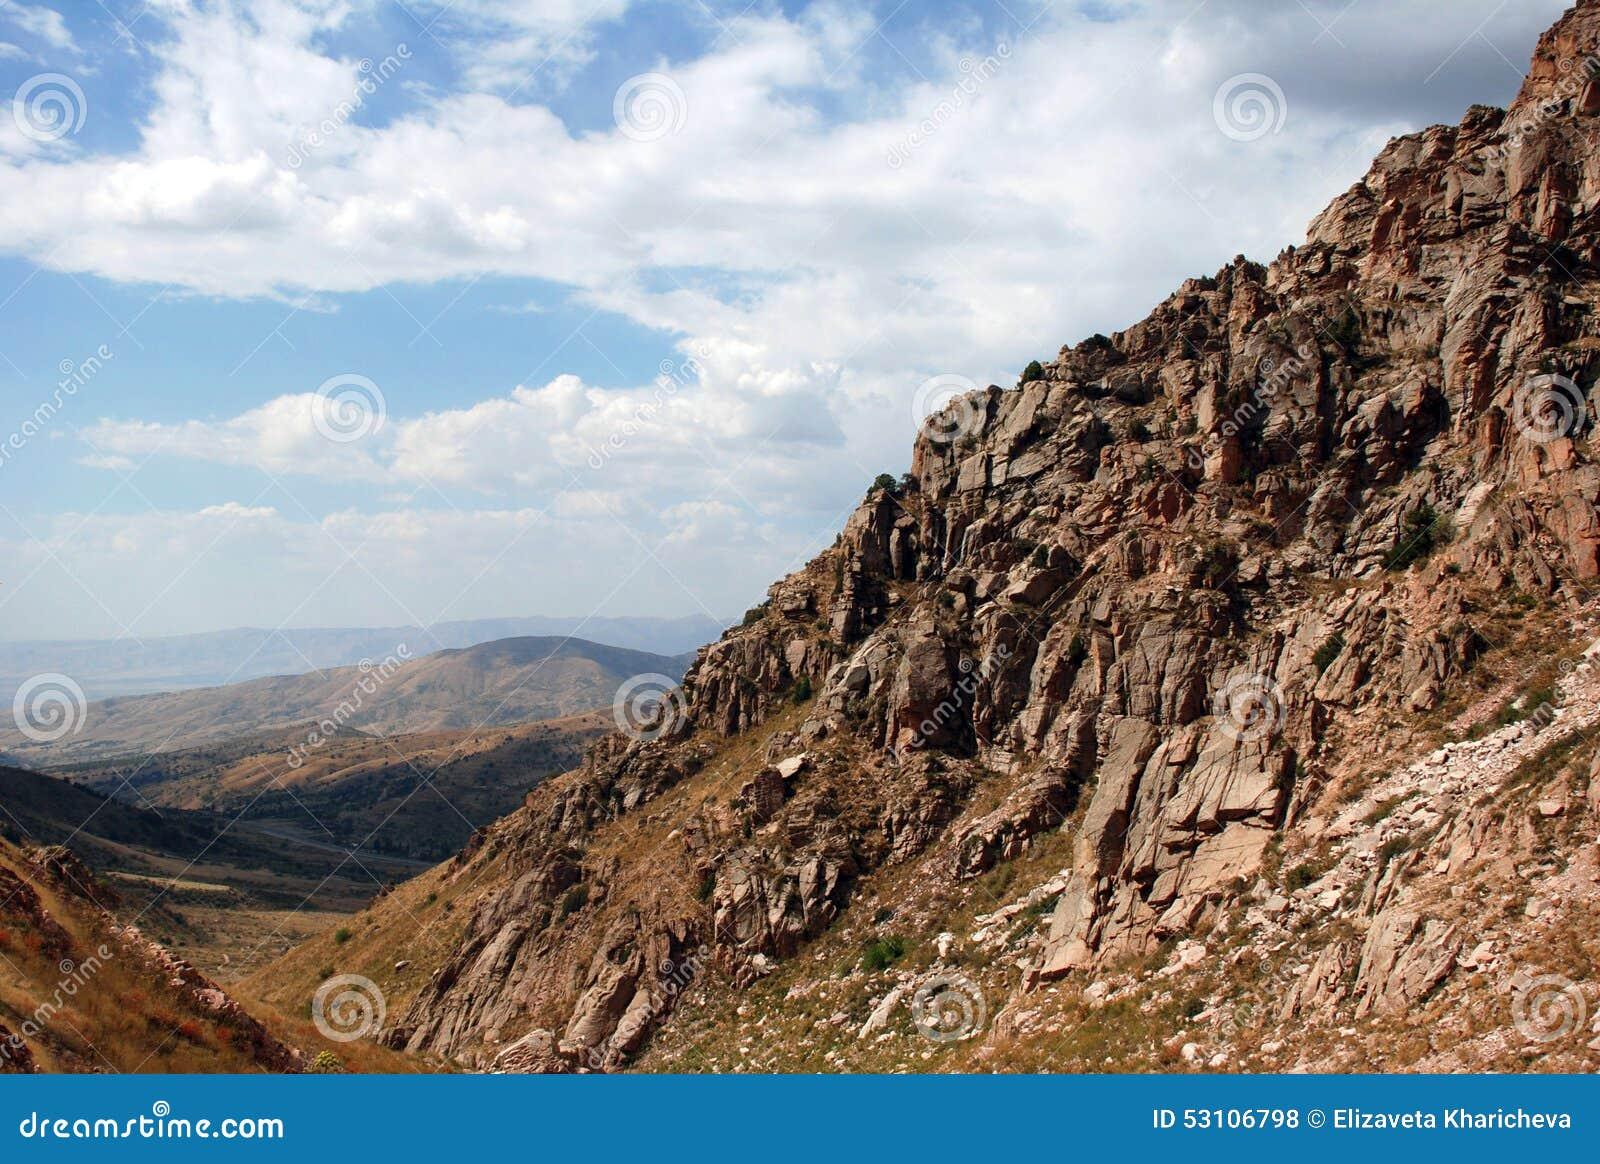 Η κλίση των βουνών της δυτικής Τιέν Σαν στο Ουζμπεκιστάν